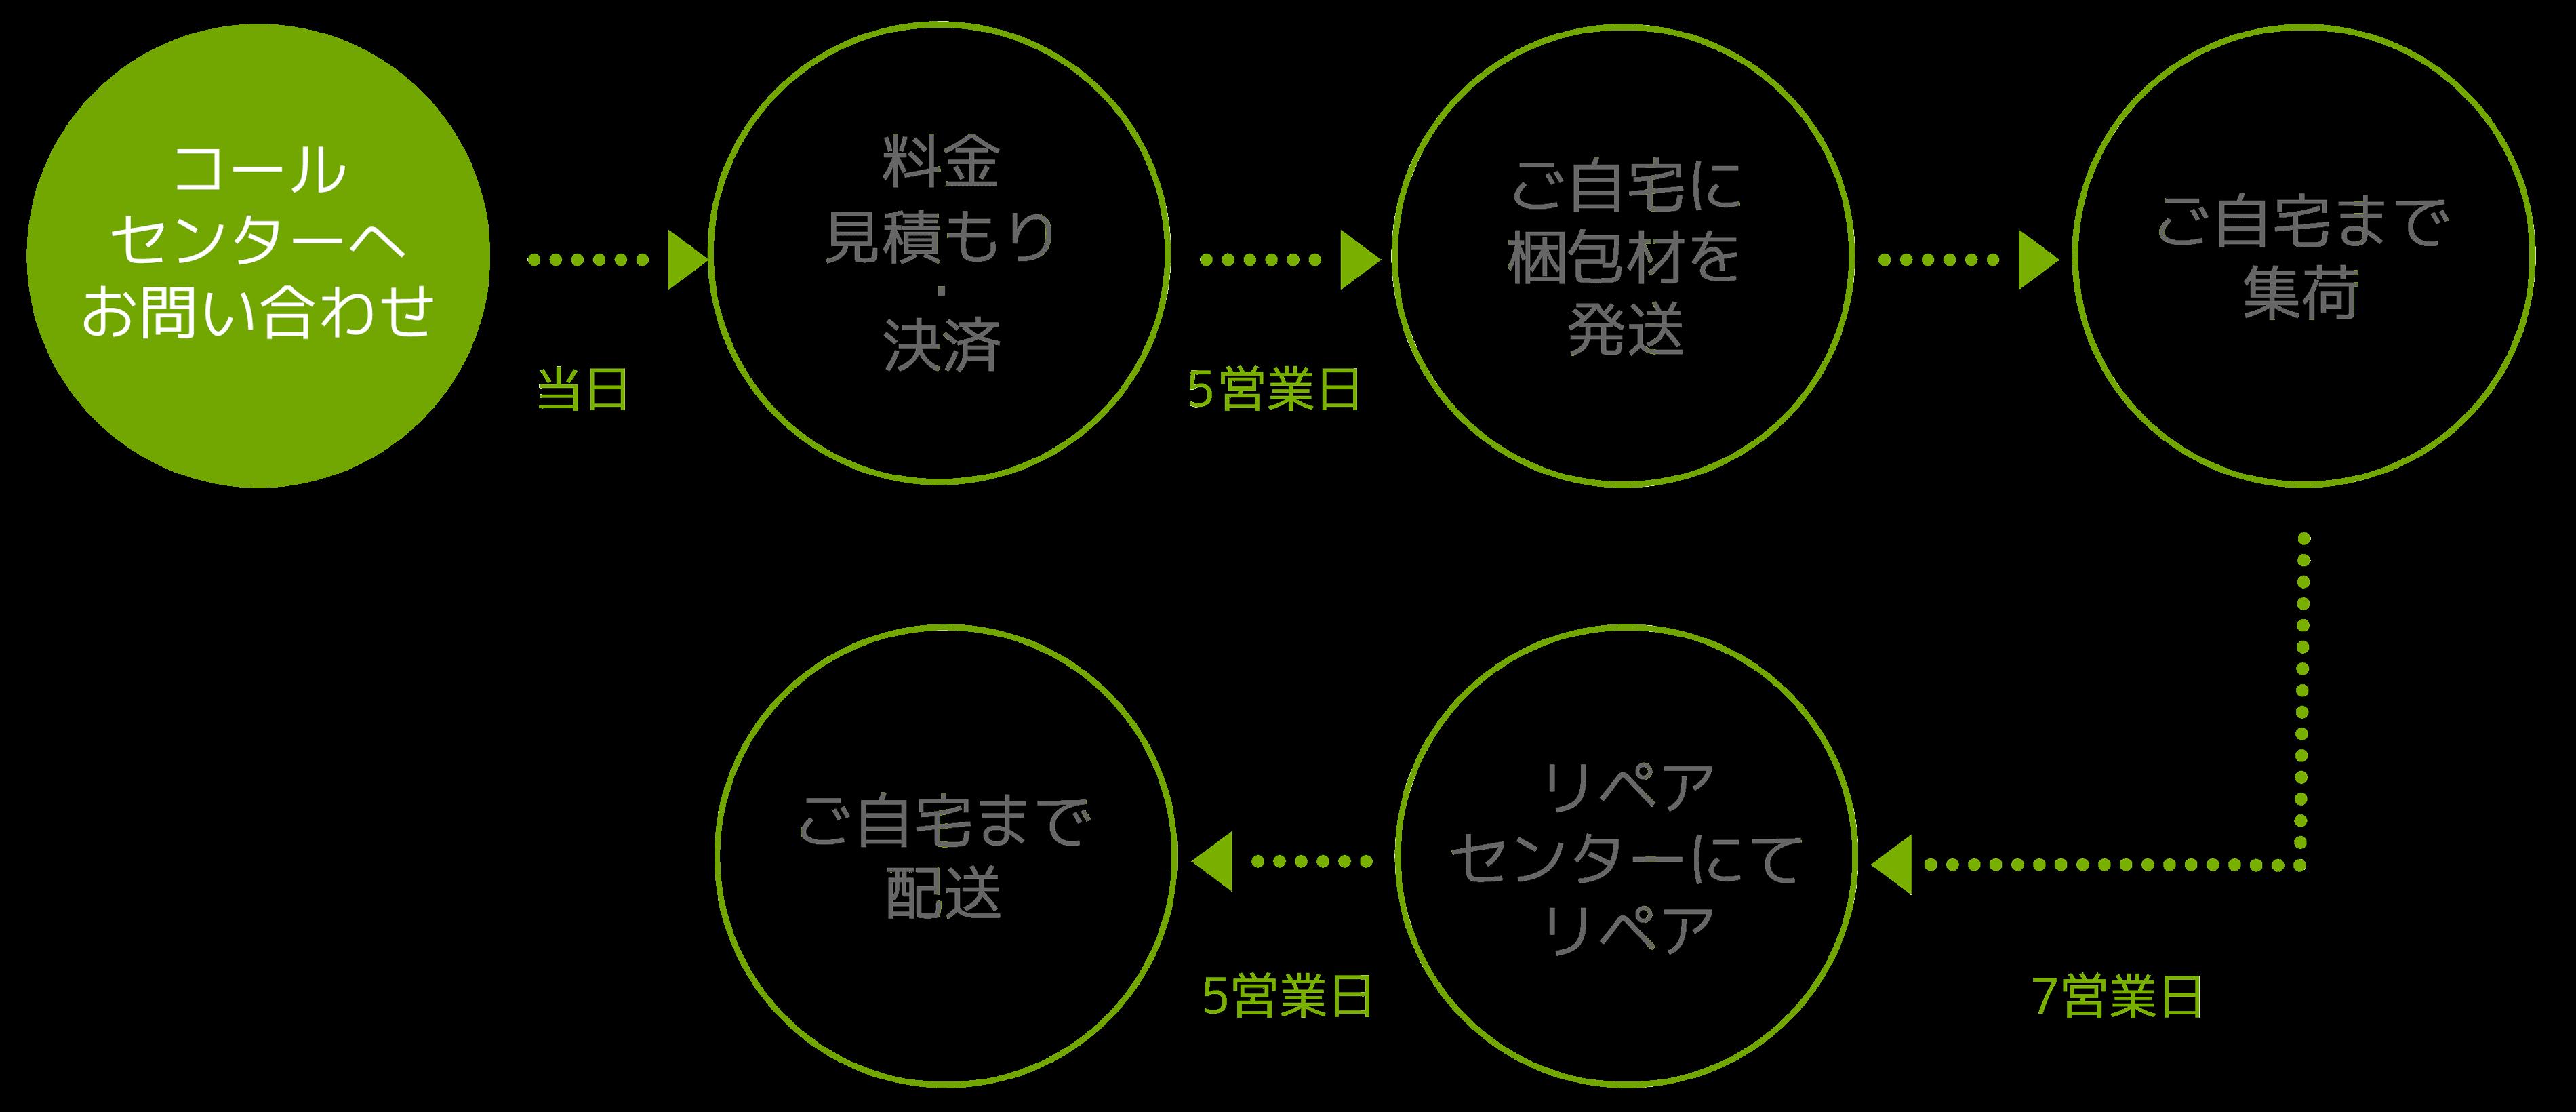 コールセンターへお問い合わせ→見積もり・決済→梱包材を発送→集荷→リペア→返送